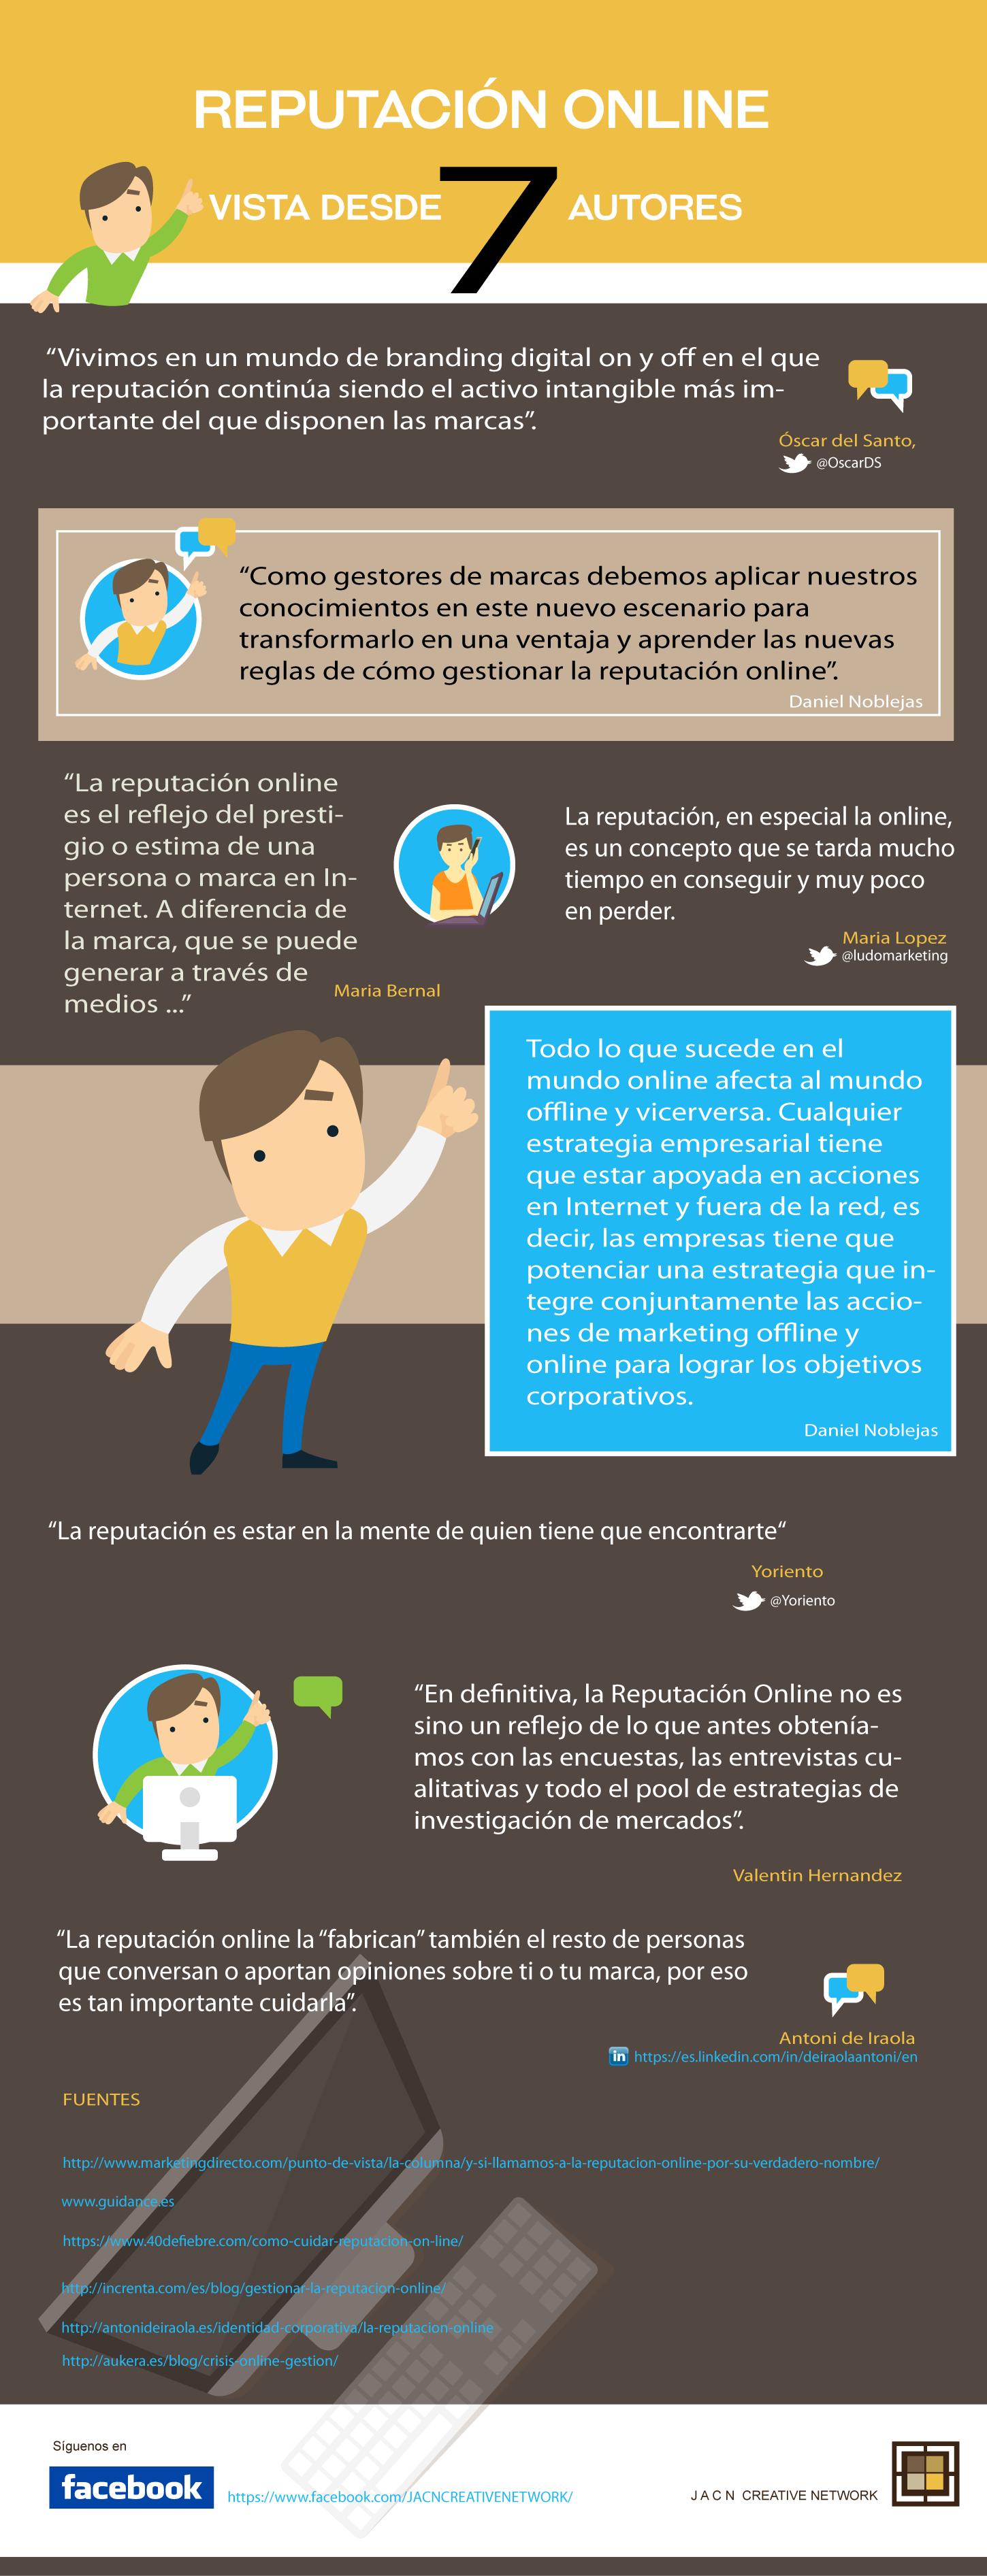 7 definiciones de reputación online #infografia #infographic #marketing